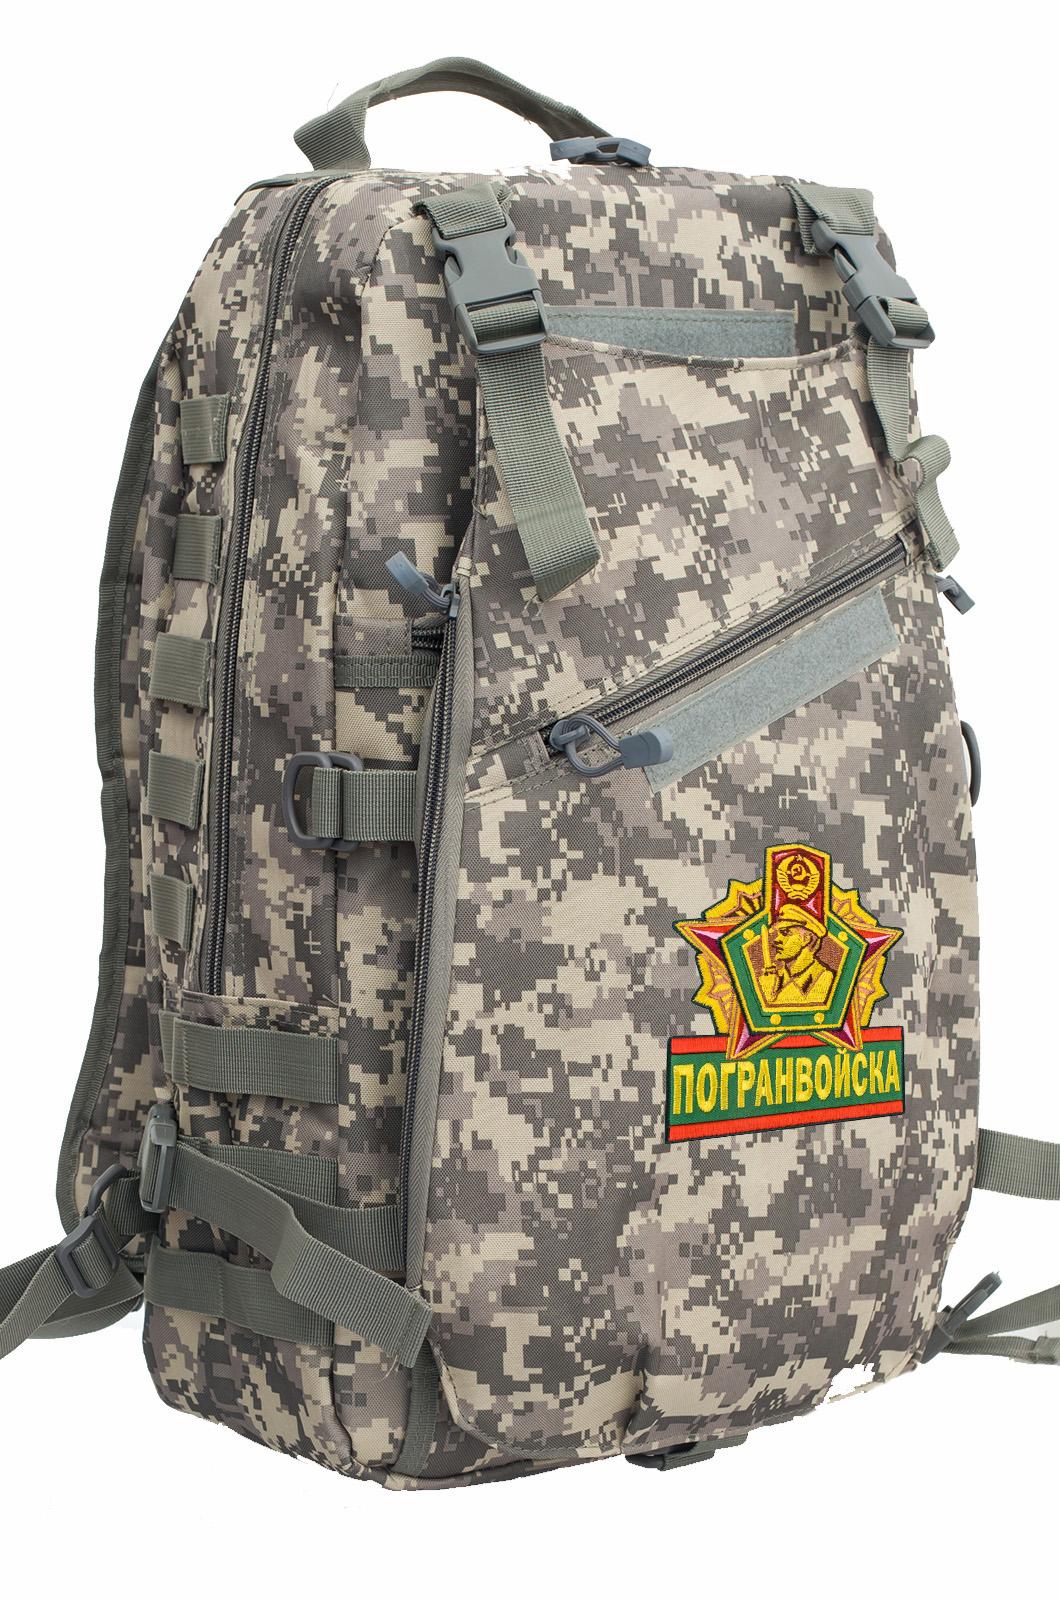 Рейдовый тактический рюкзак с нашивкой Погранвойска - заказать в подарок